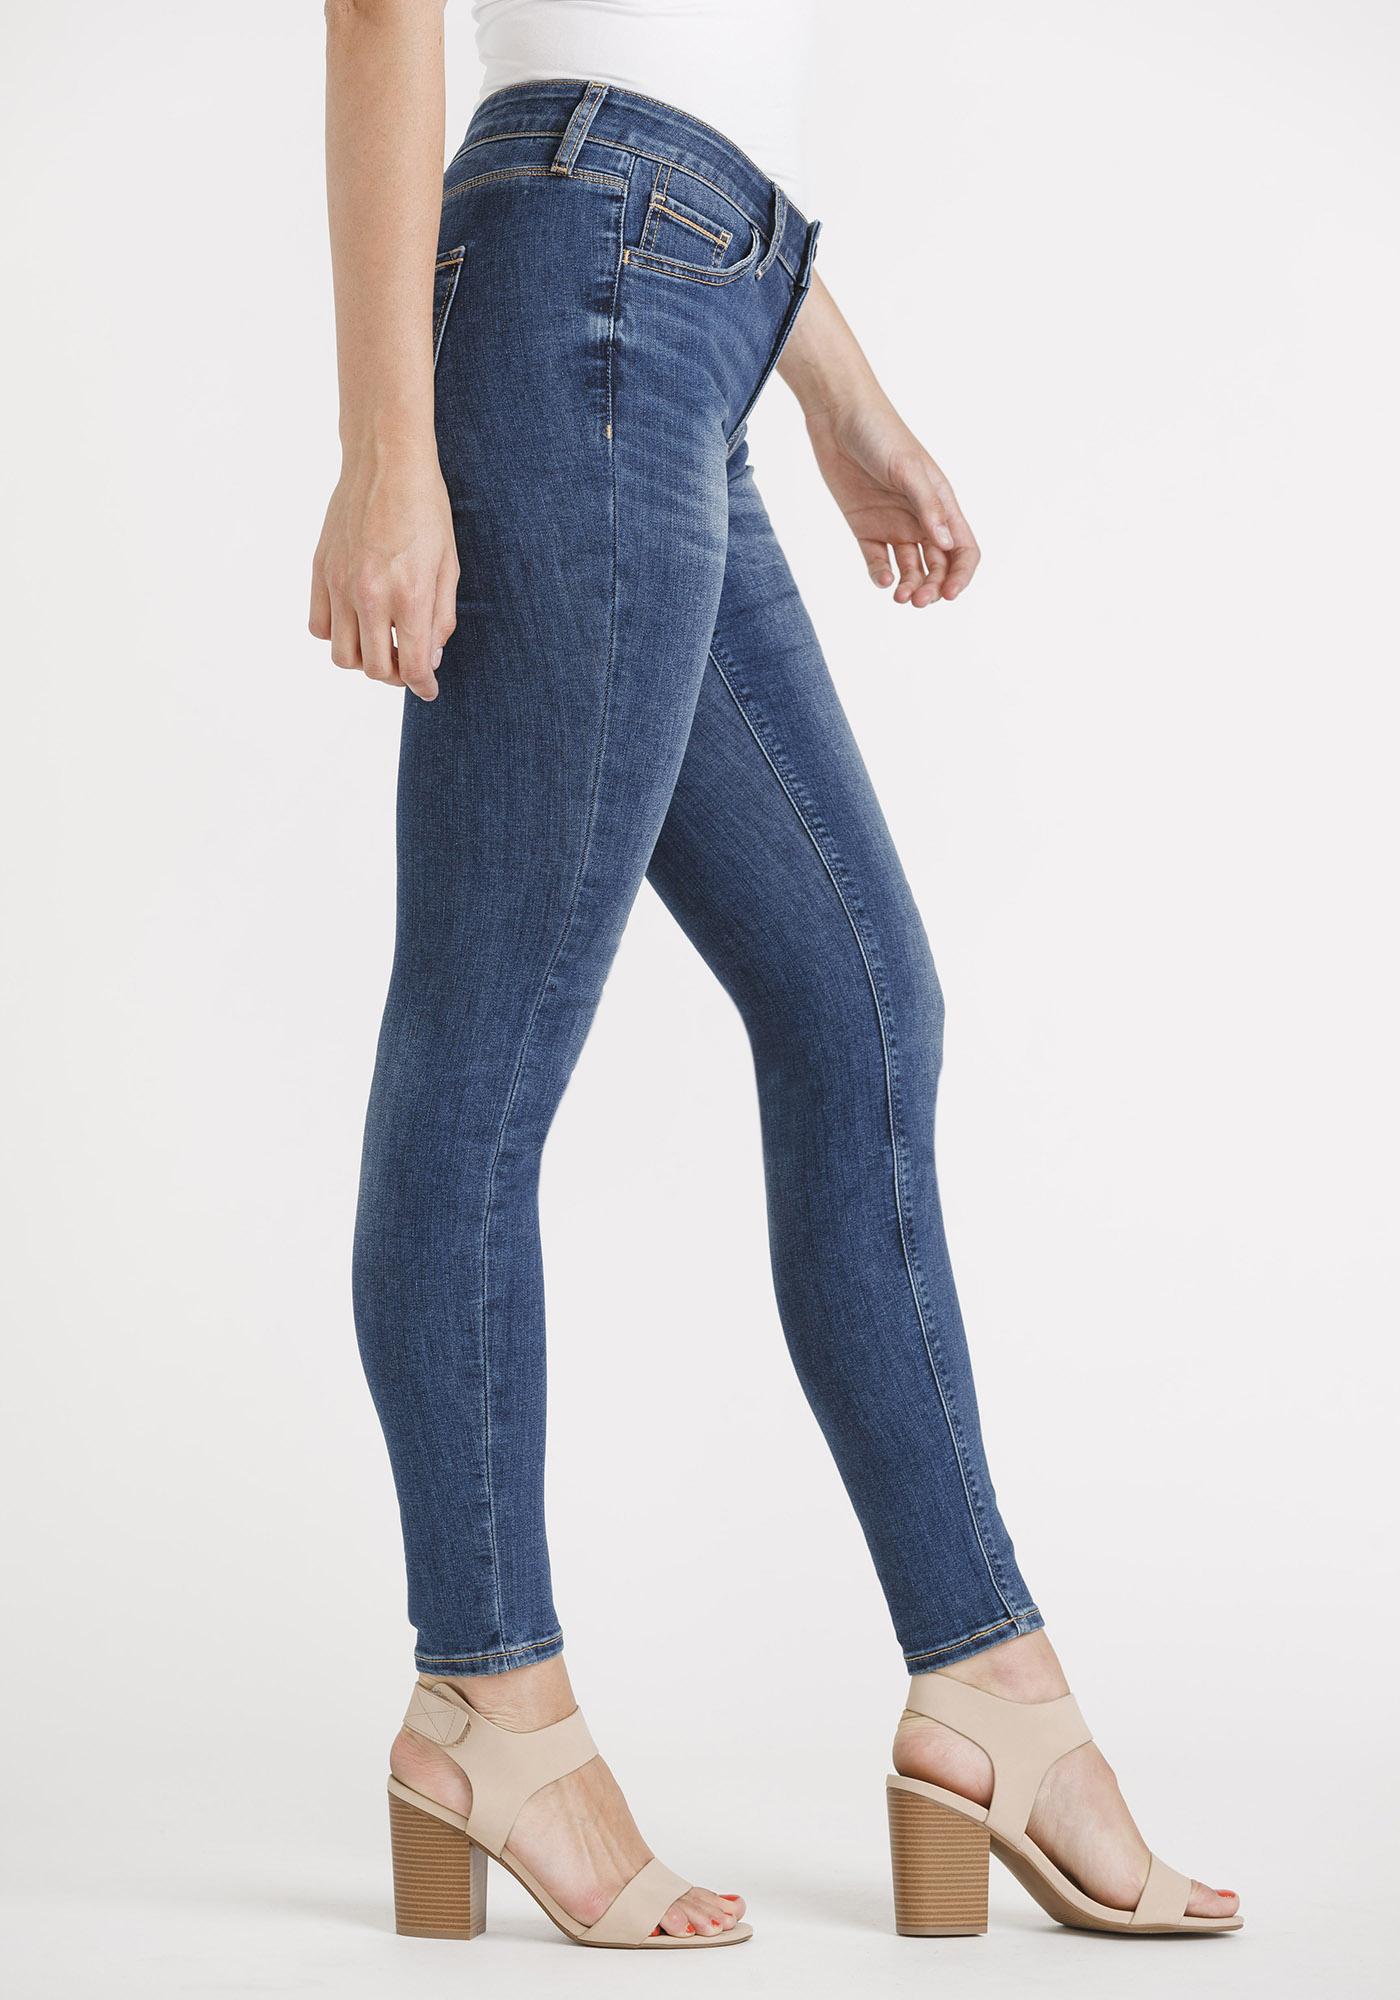 Lyst - Mango Super Slim Jeans in Blue